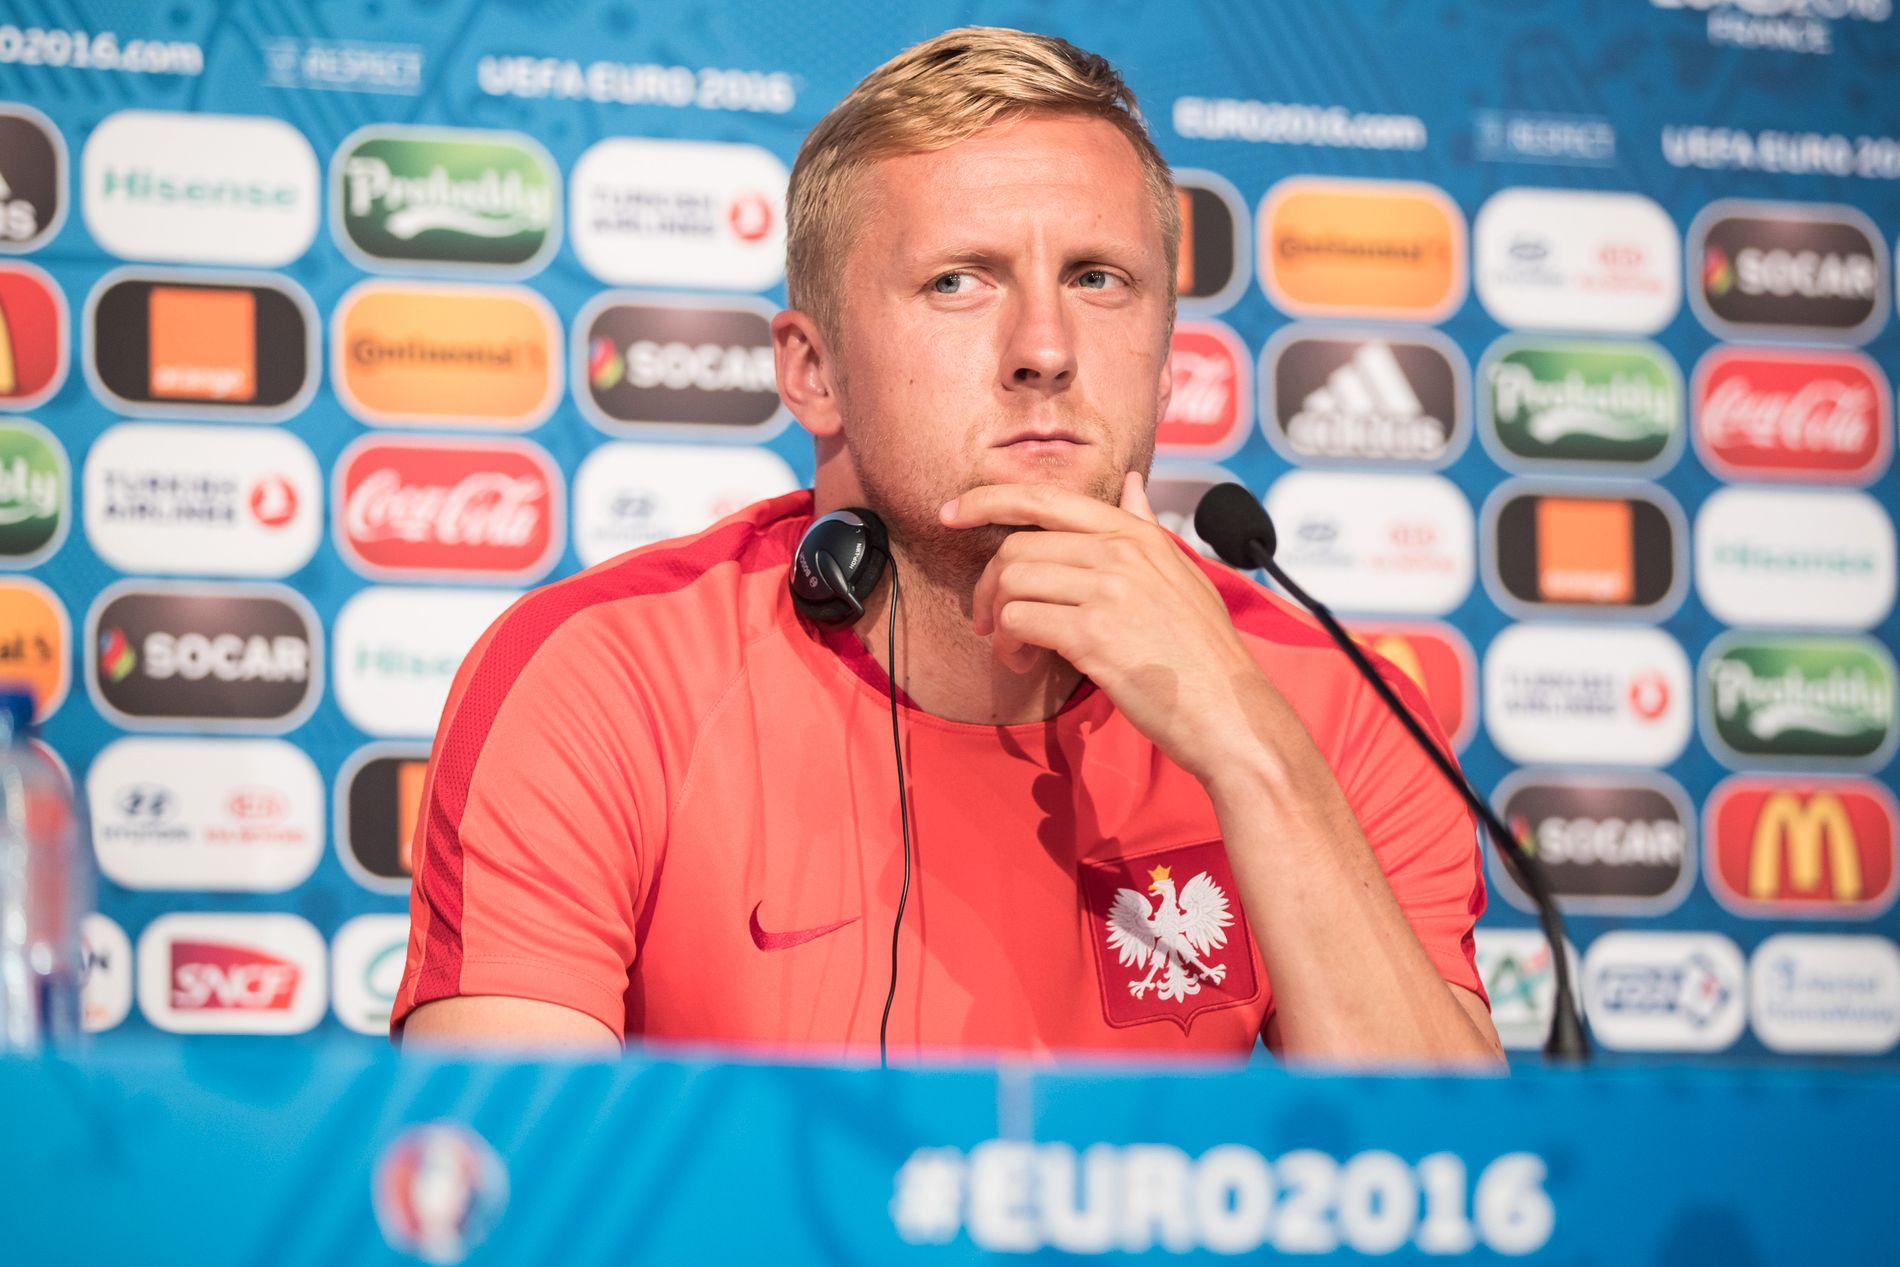 KOM IKKE HER: Kamil Glik lar seg ikke skremme av noen. Her fra lørdagens pressekonferanse. Foto: GETTY IMAGES